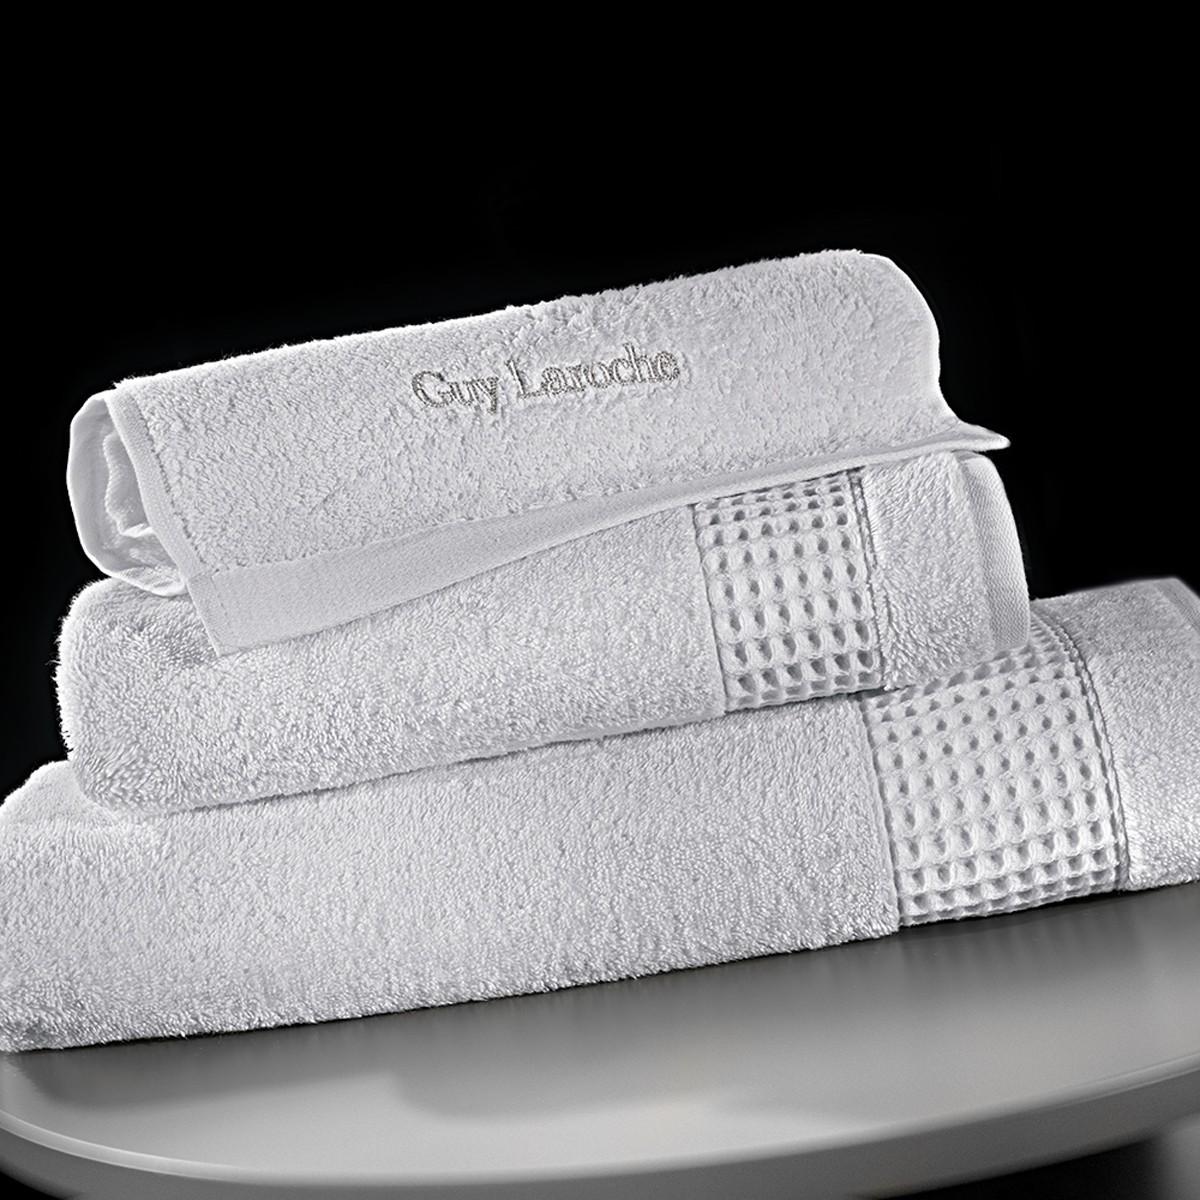 Πετσέτες Μπάνιου (Σετ 3τμχ) Guy Laroche Amaro Silver